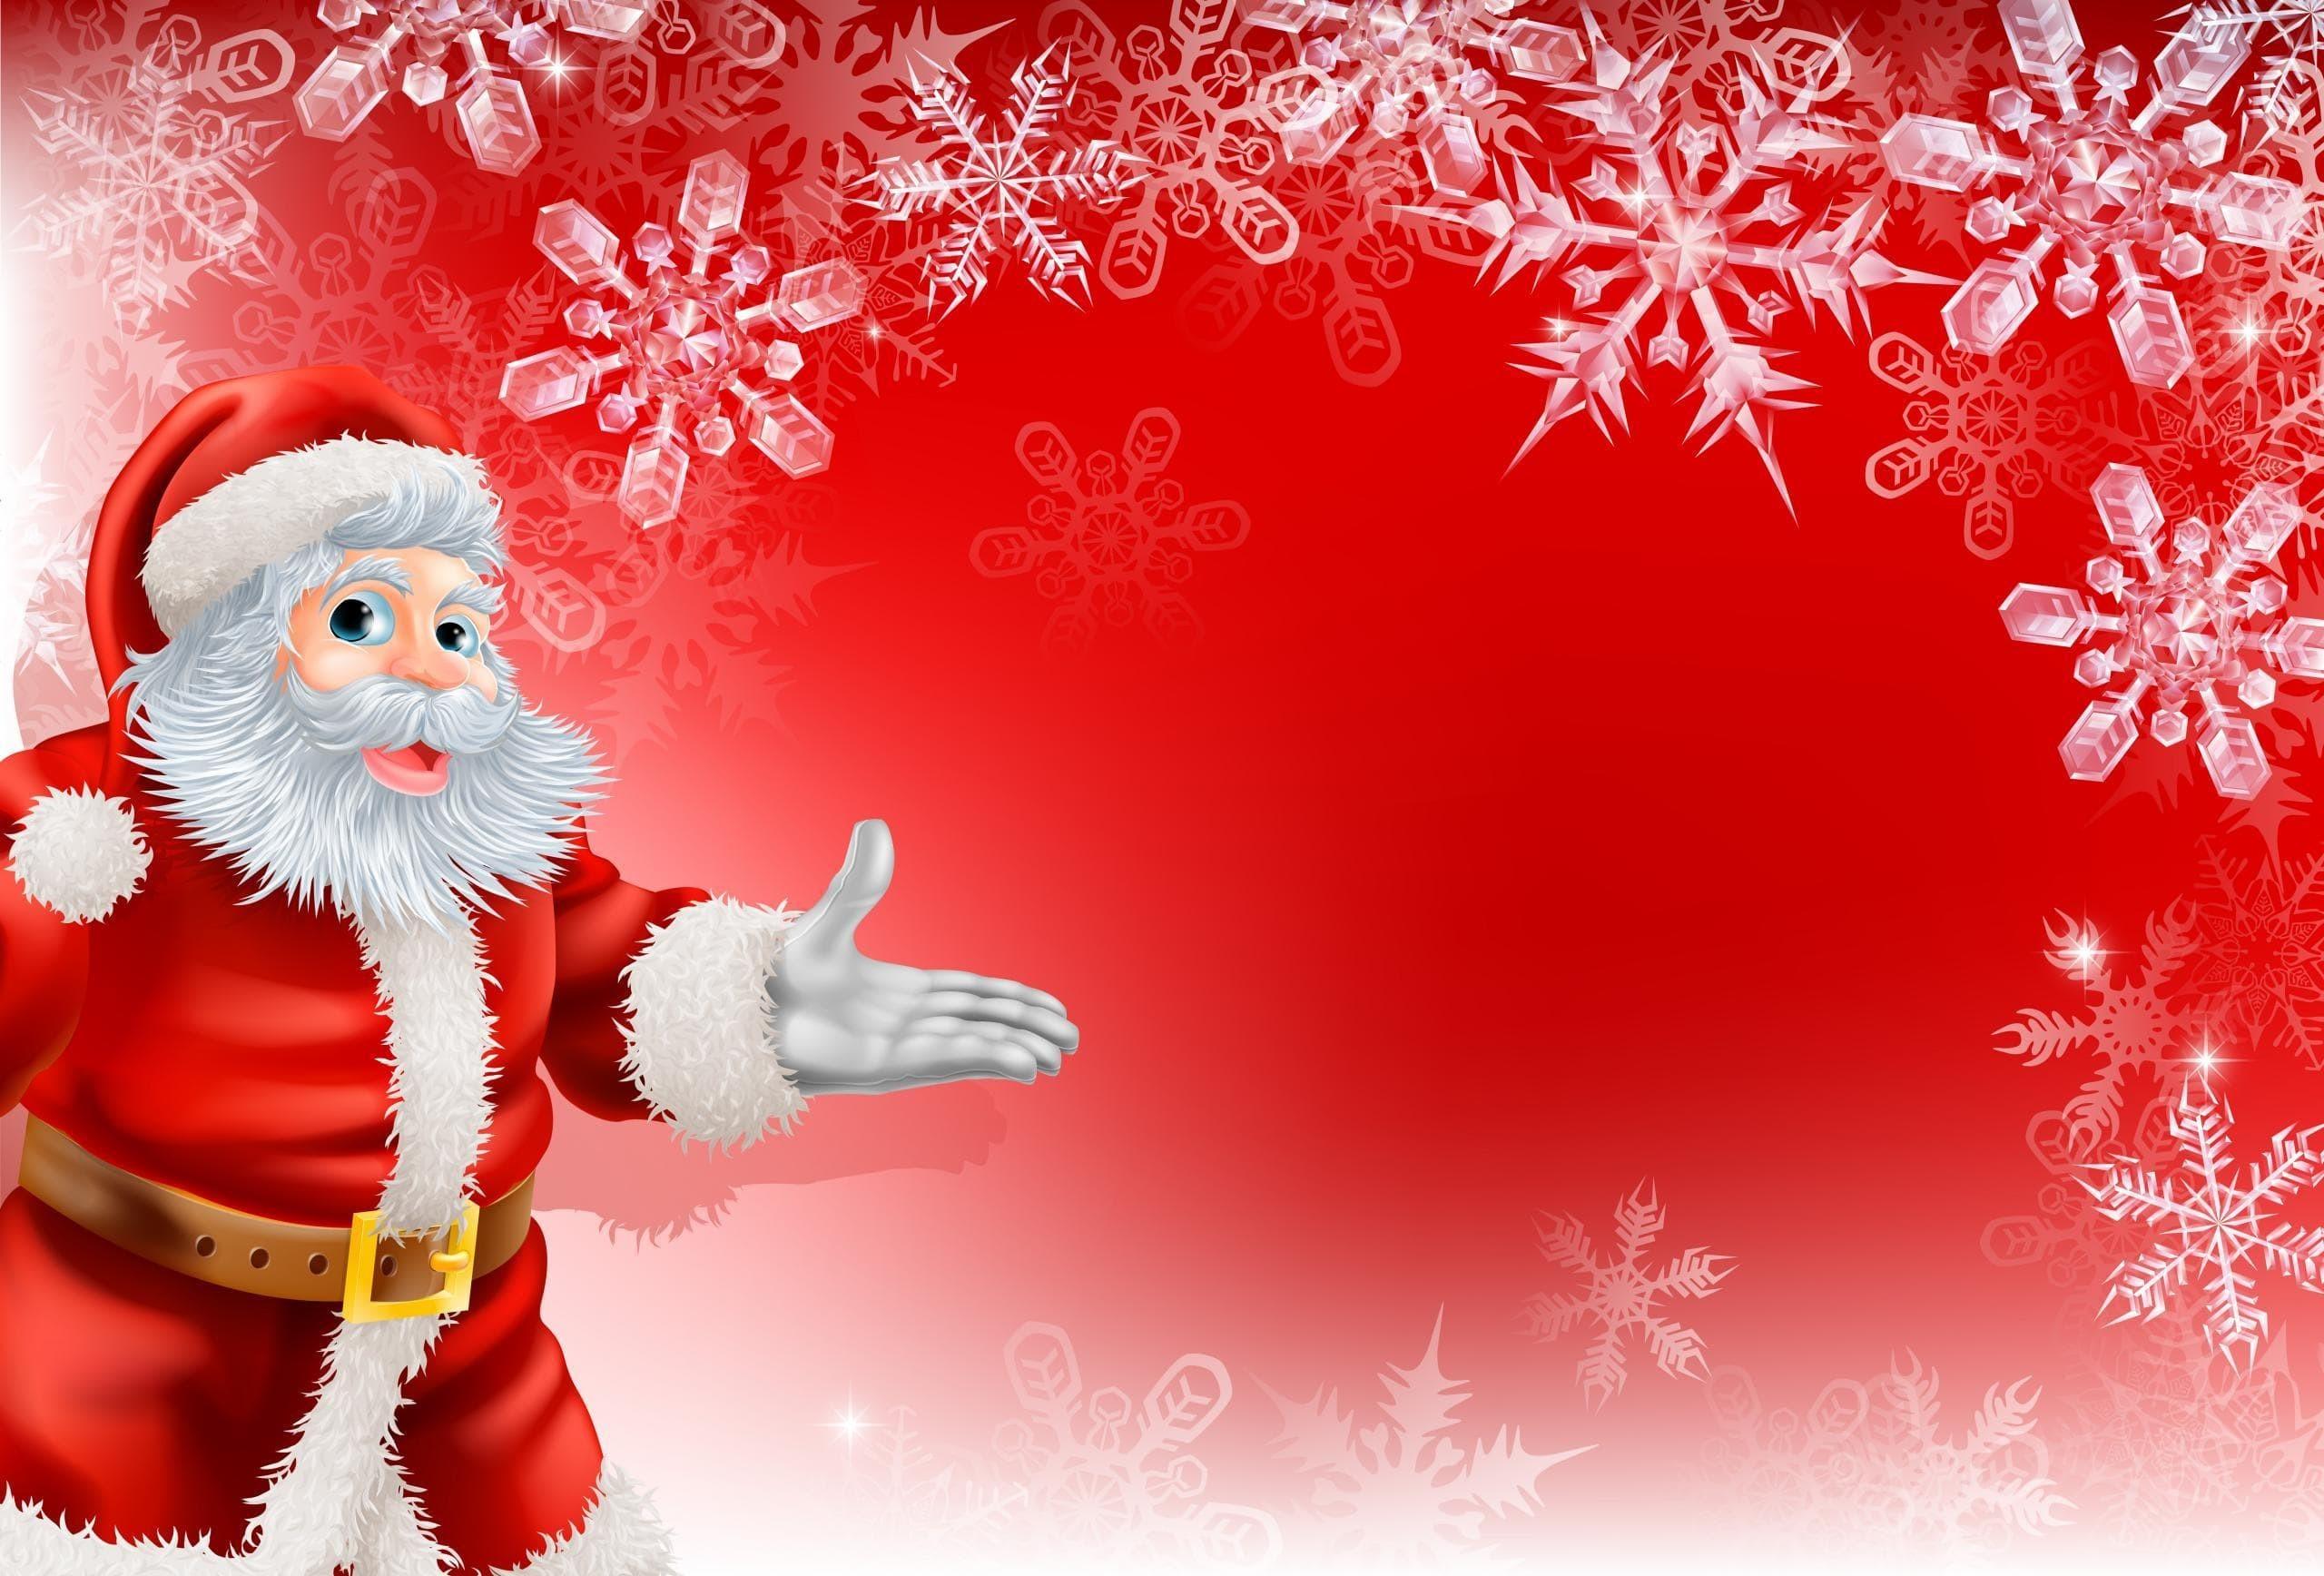 Santa Claus Full hd wallpapers